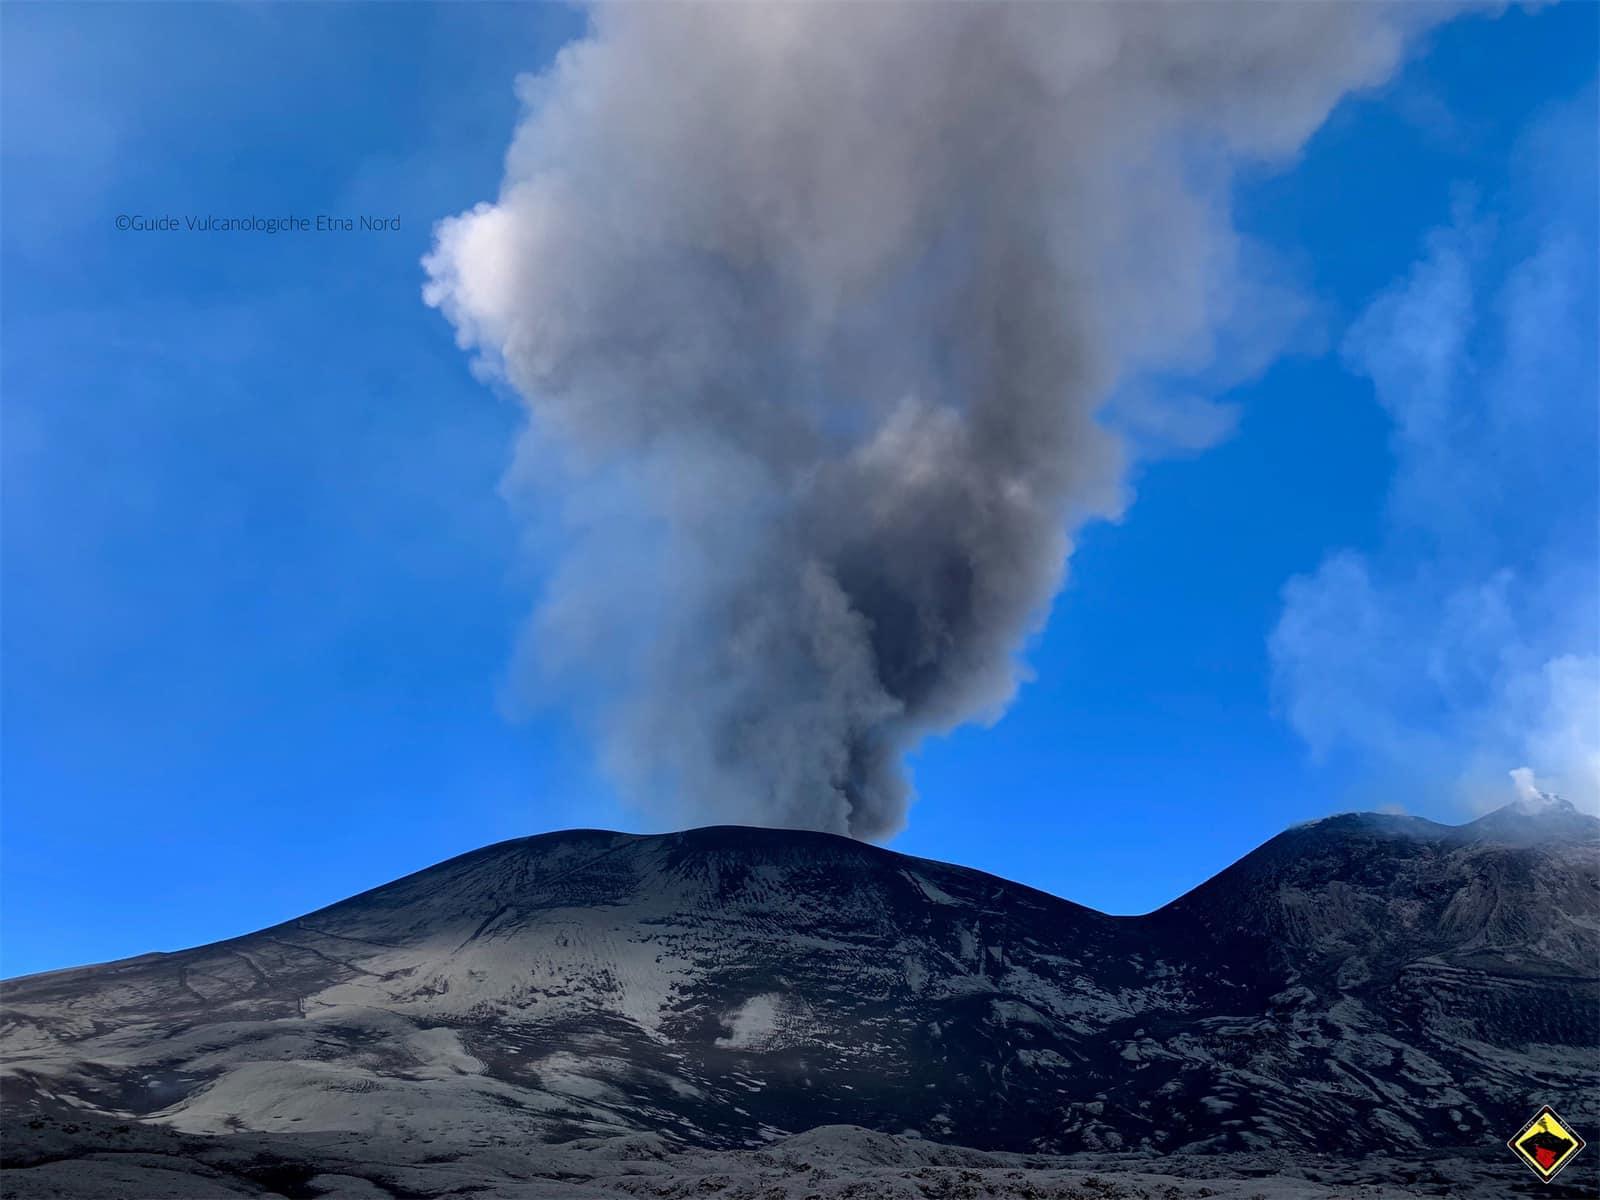 Prosegue l'attività esplosiva in cima al nostro vulcano